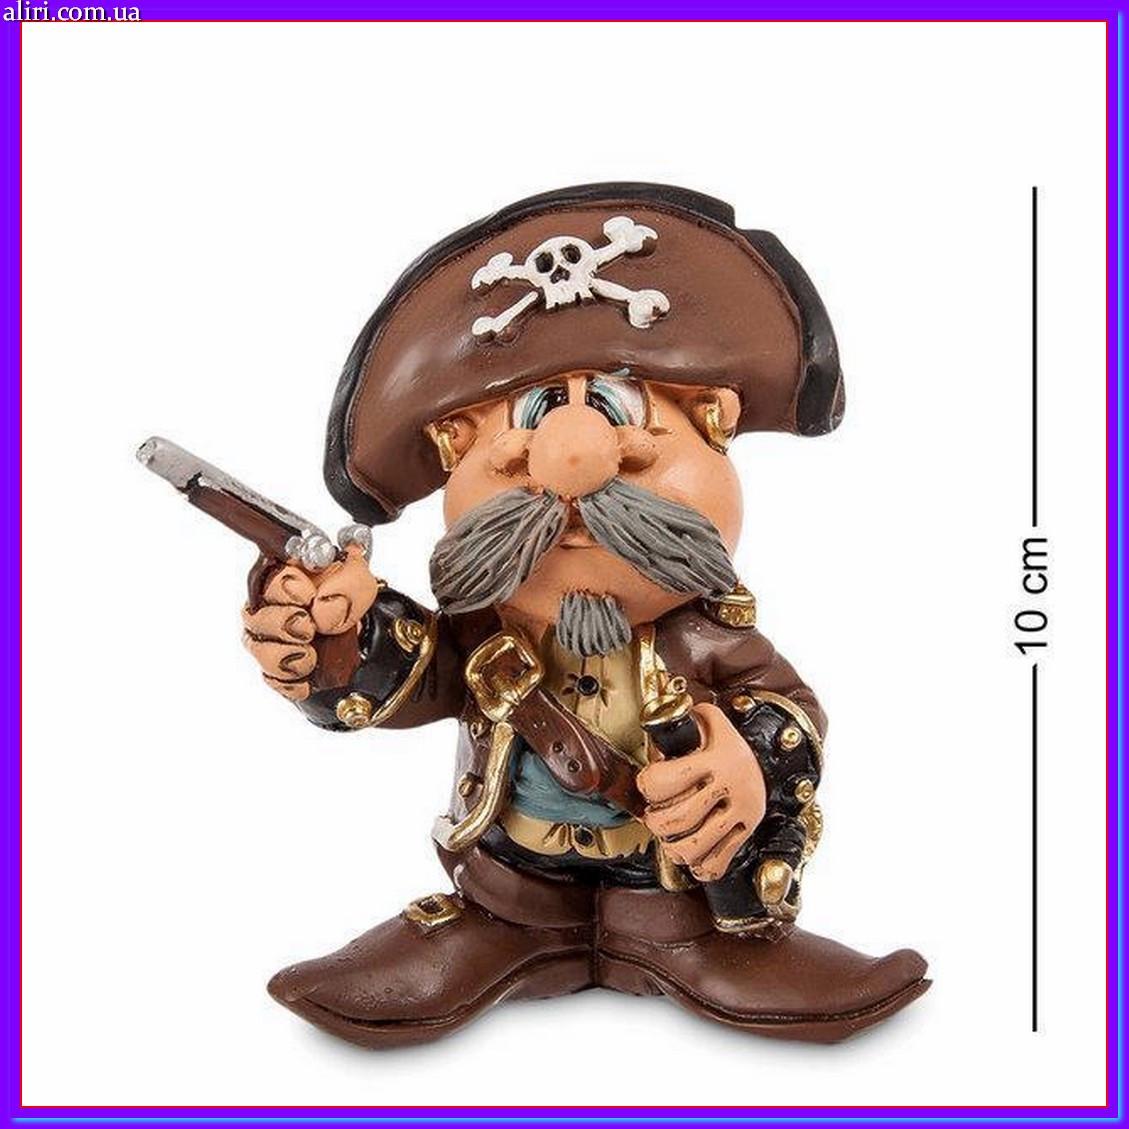 Фигурка статуэтка Пират Дрейк W.Stratford 10см, фото 1